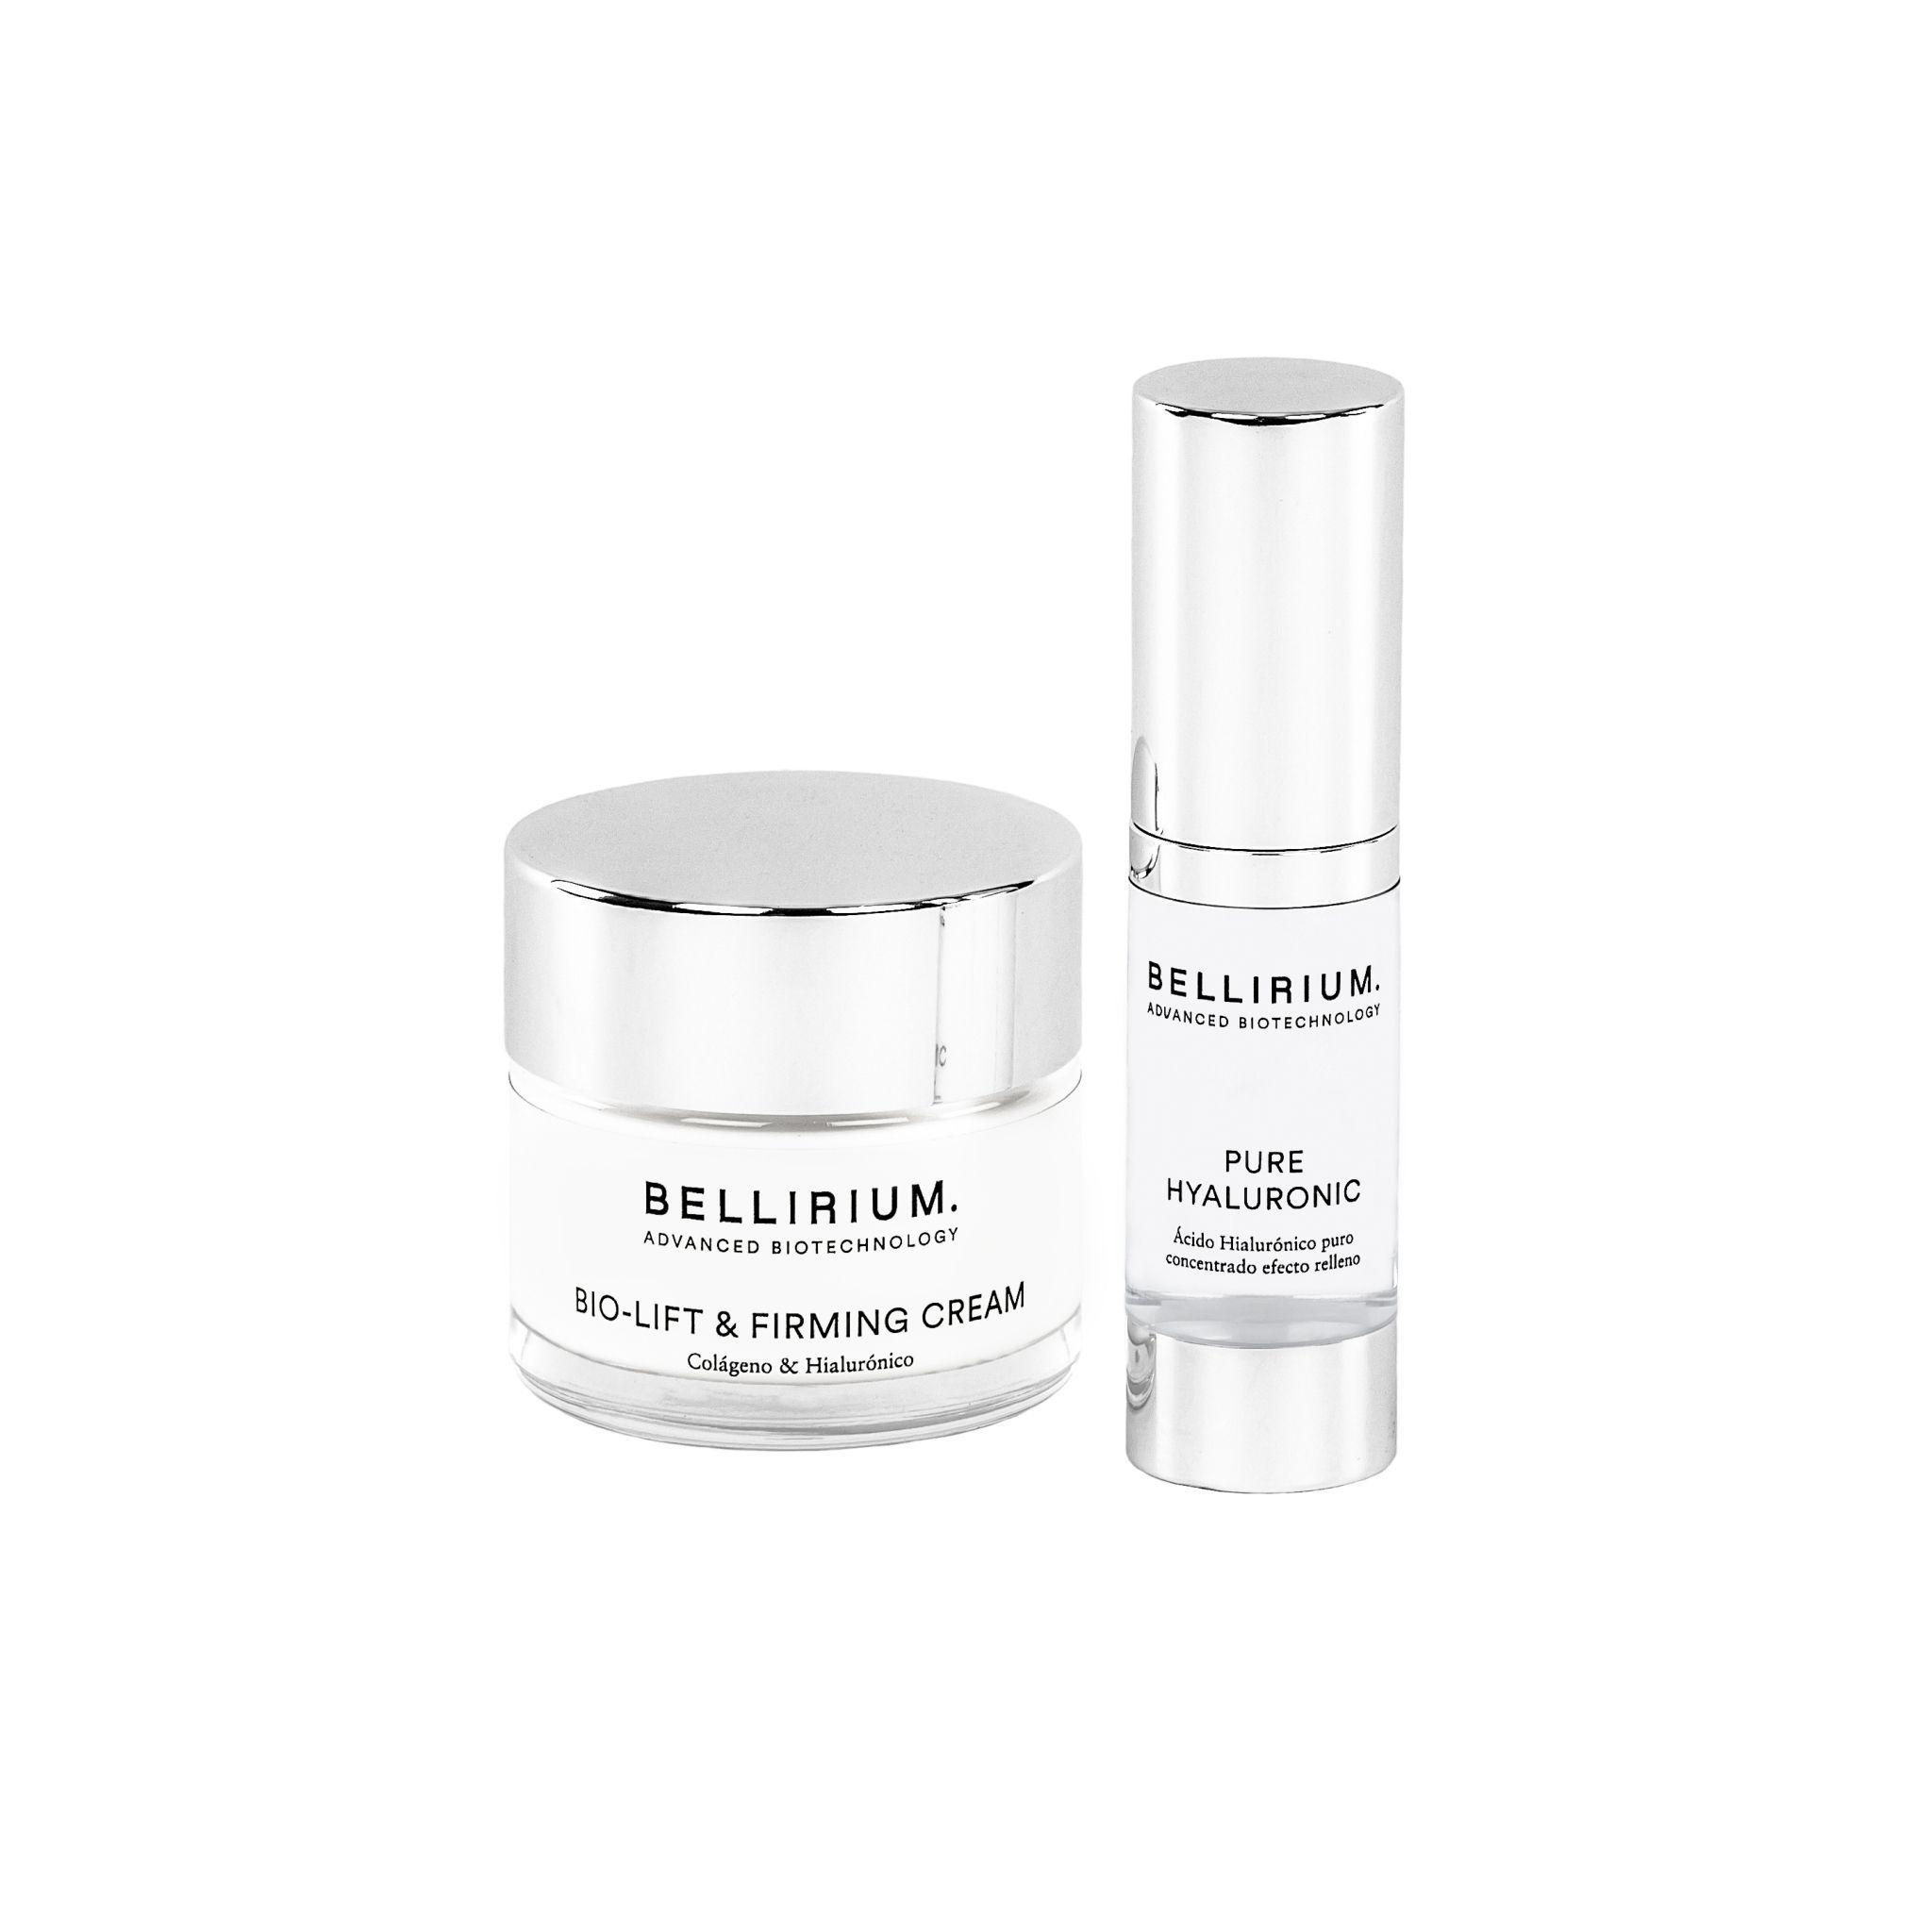 BELLIRIUM-PACK-1